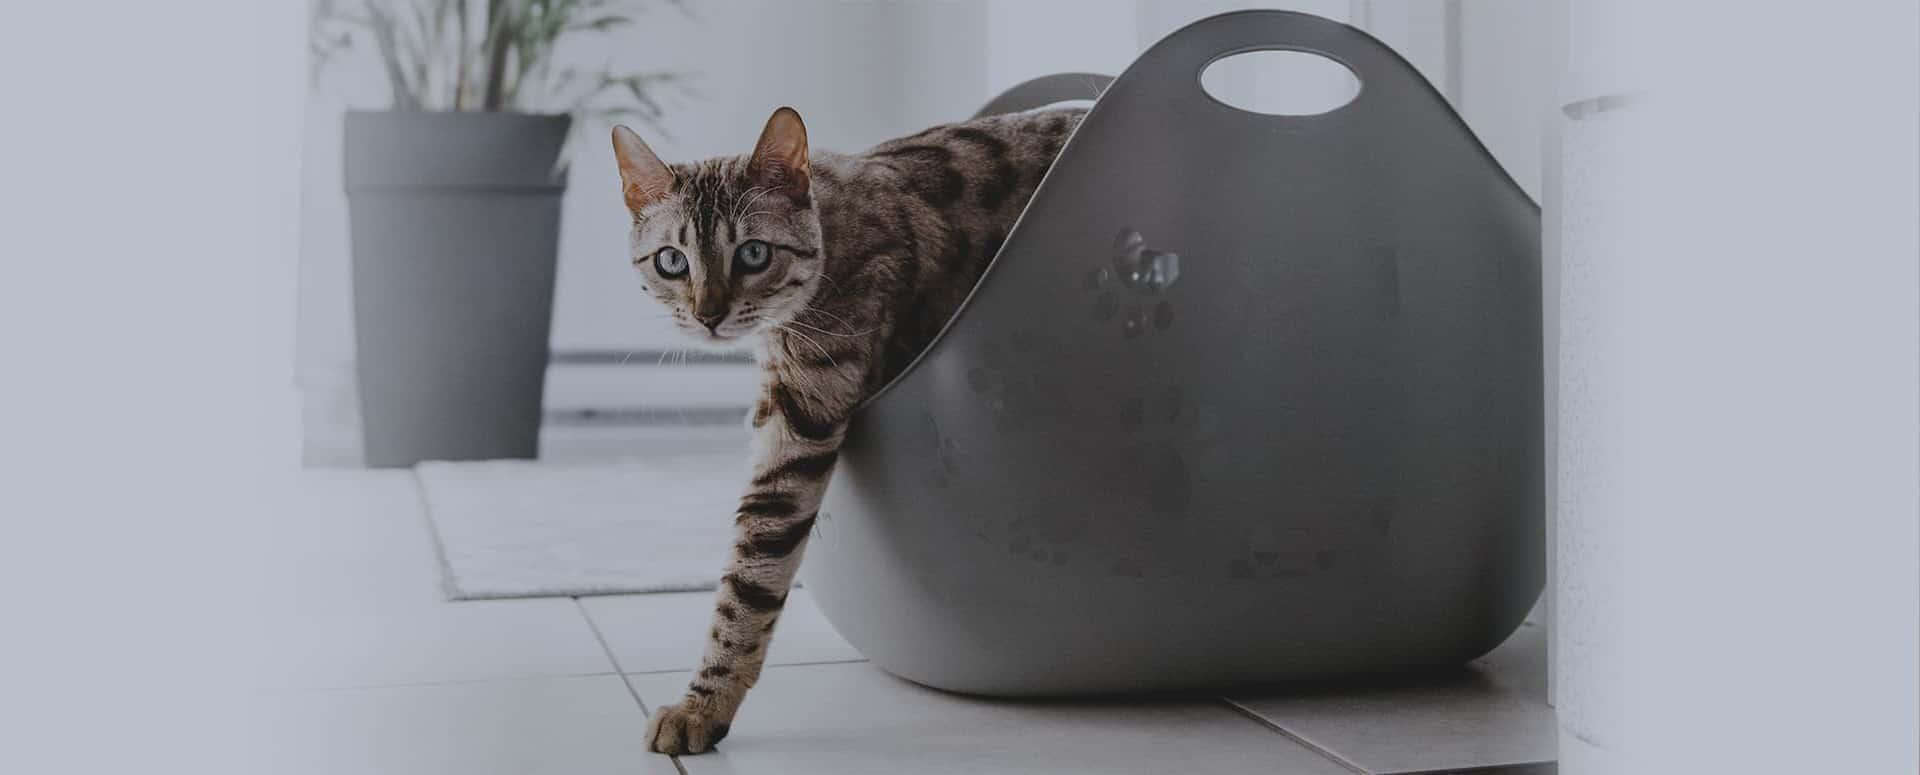 Litieres pour chat